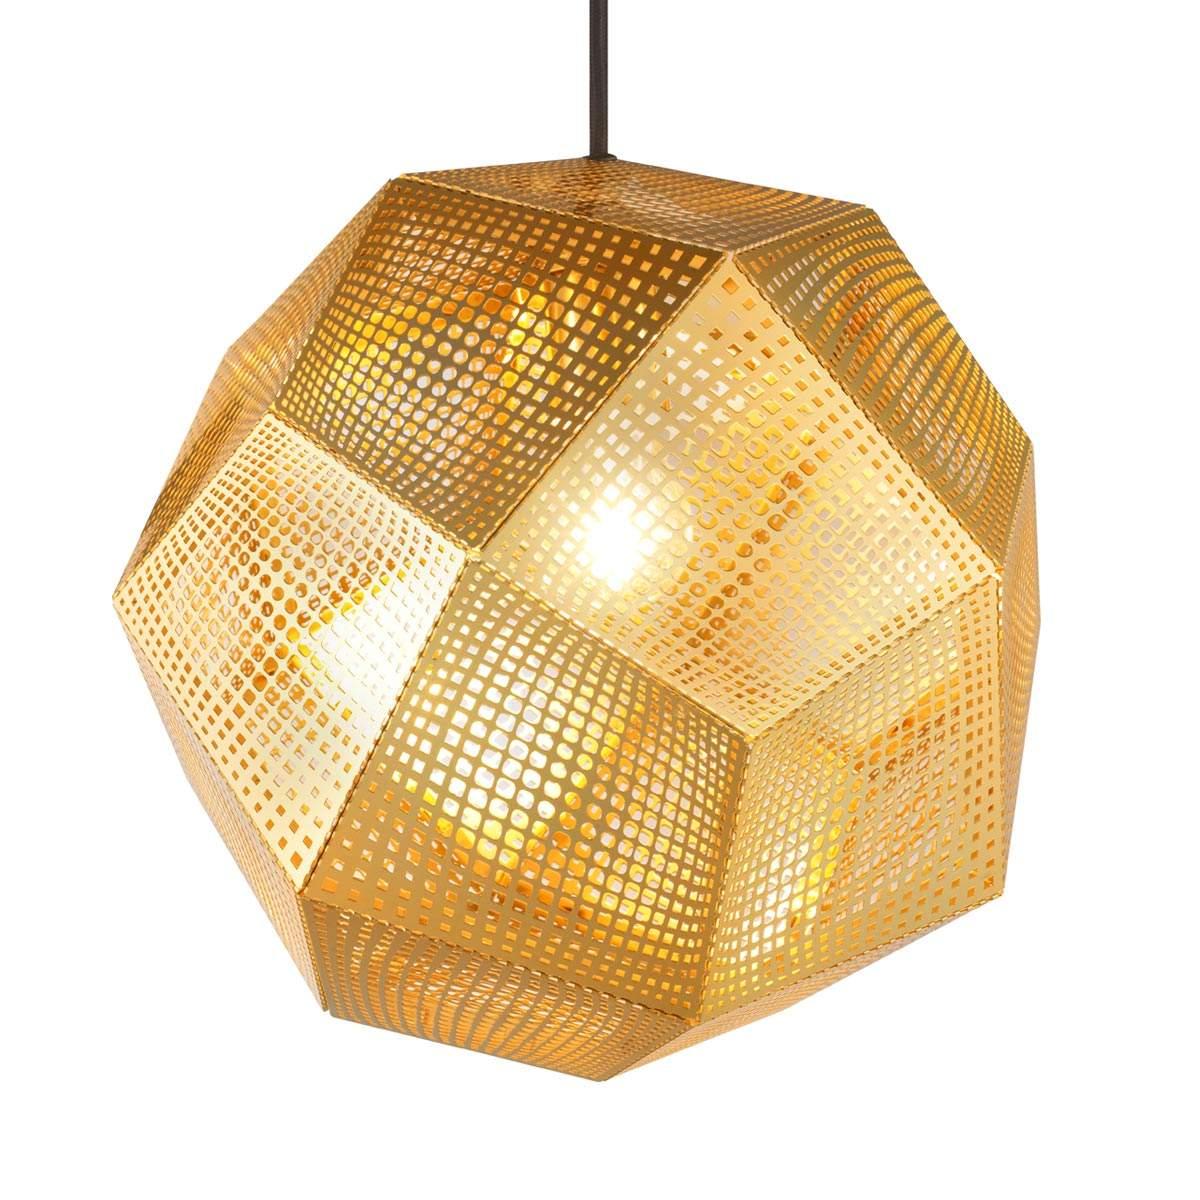 Lampada sospensione Etch forma geometrica, ottone Offerte e sconti